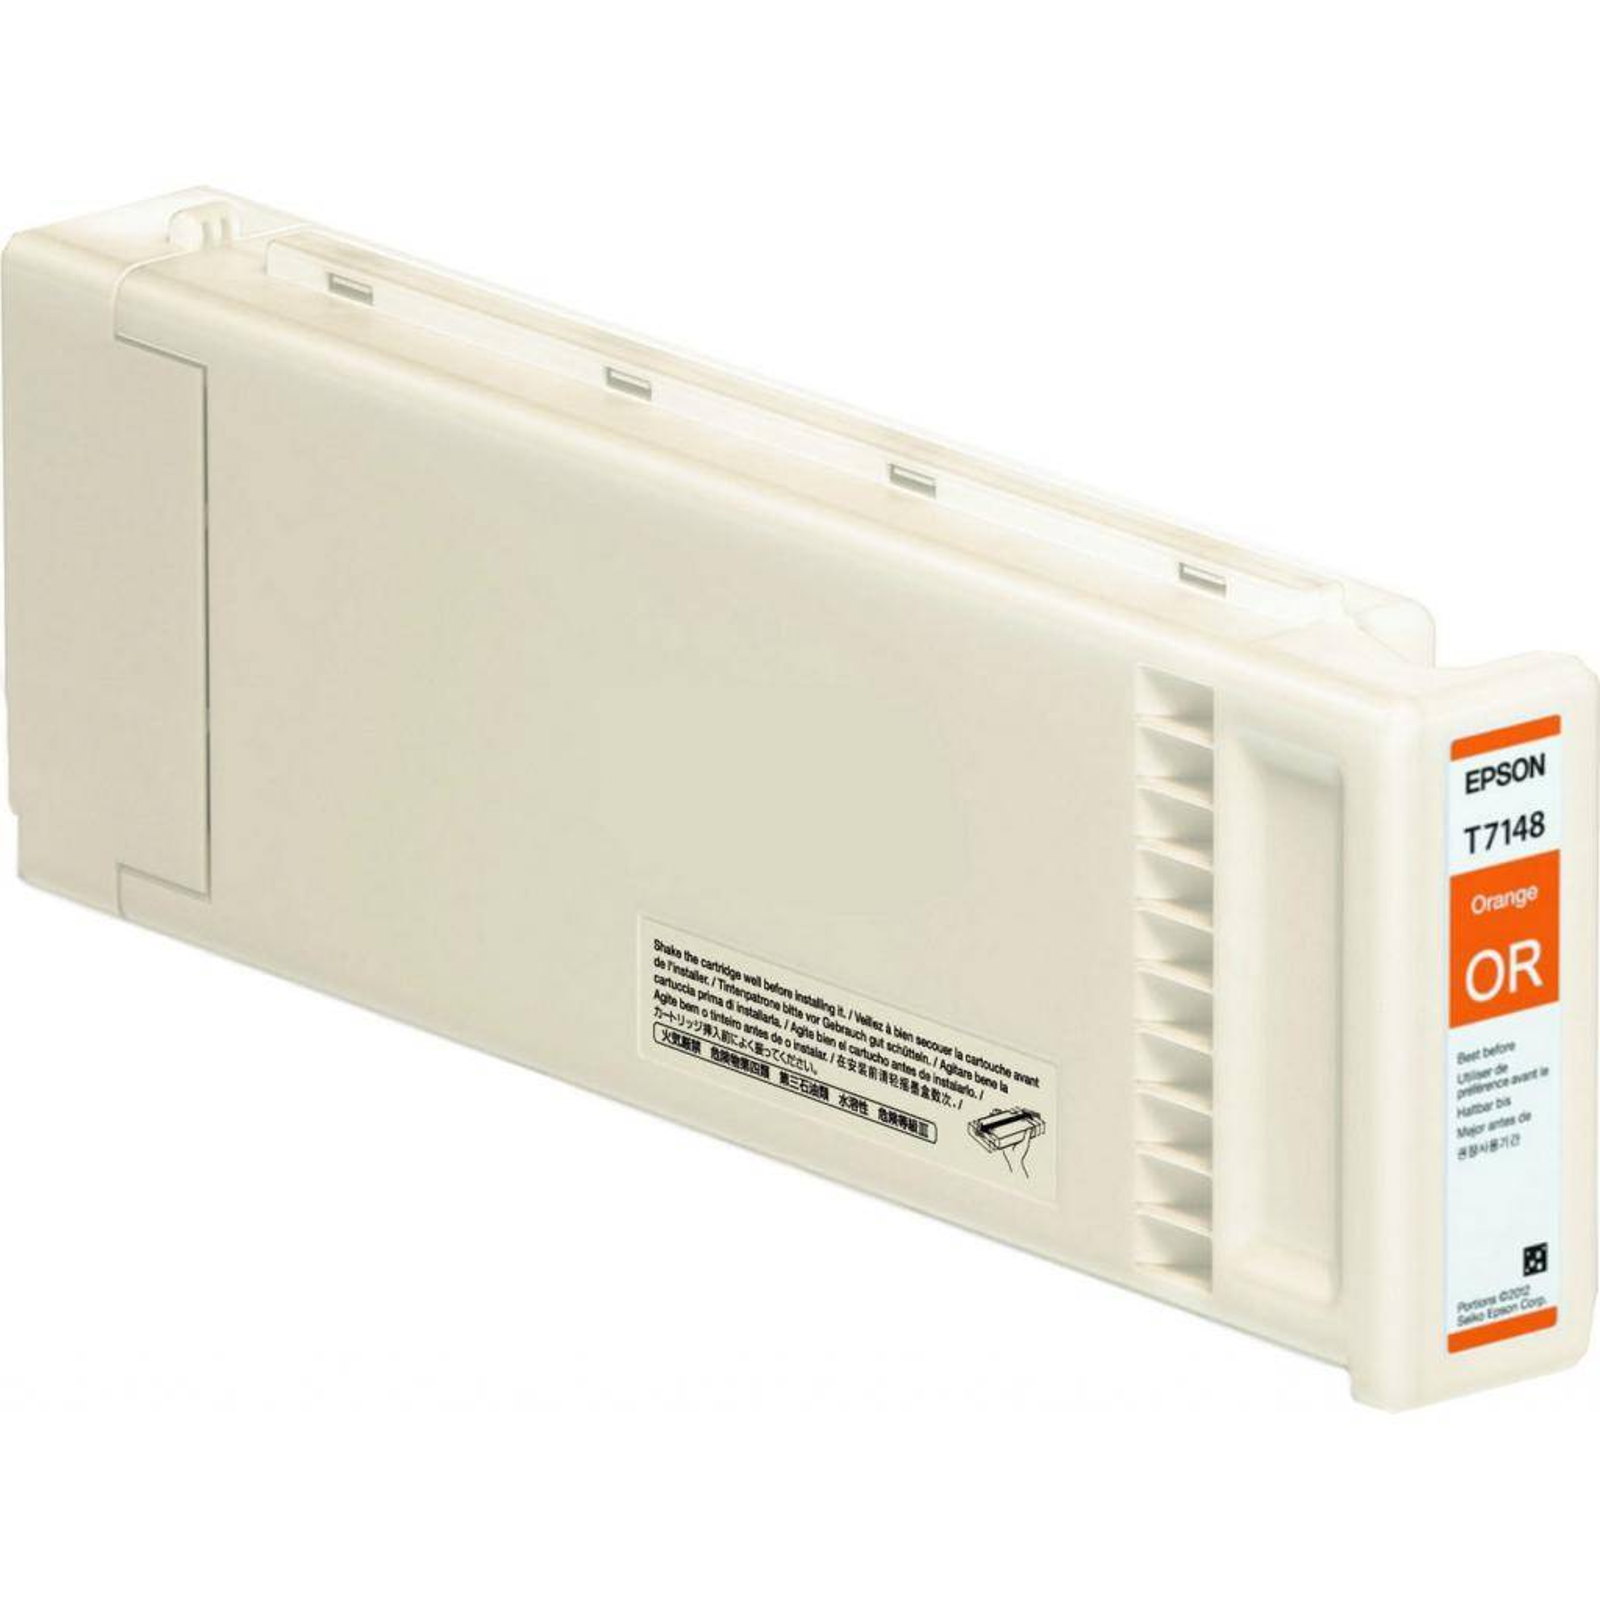 Картридж EPSON SureColor SC-S70610 Orange (C13T714800)